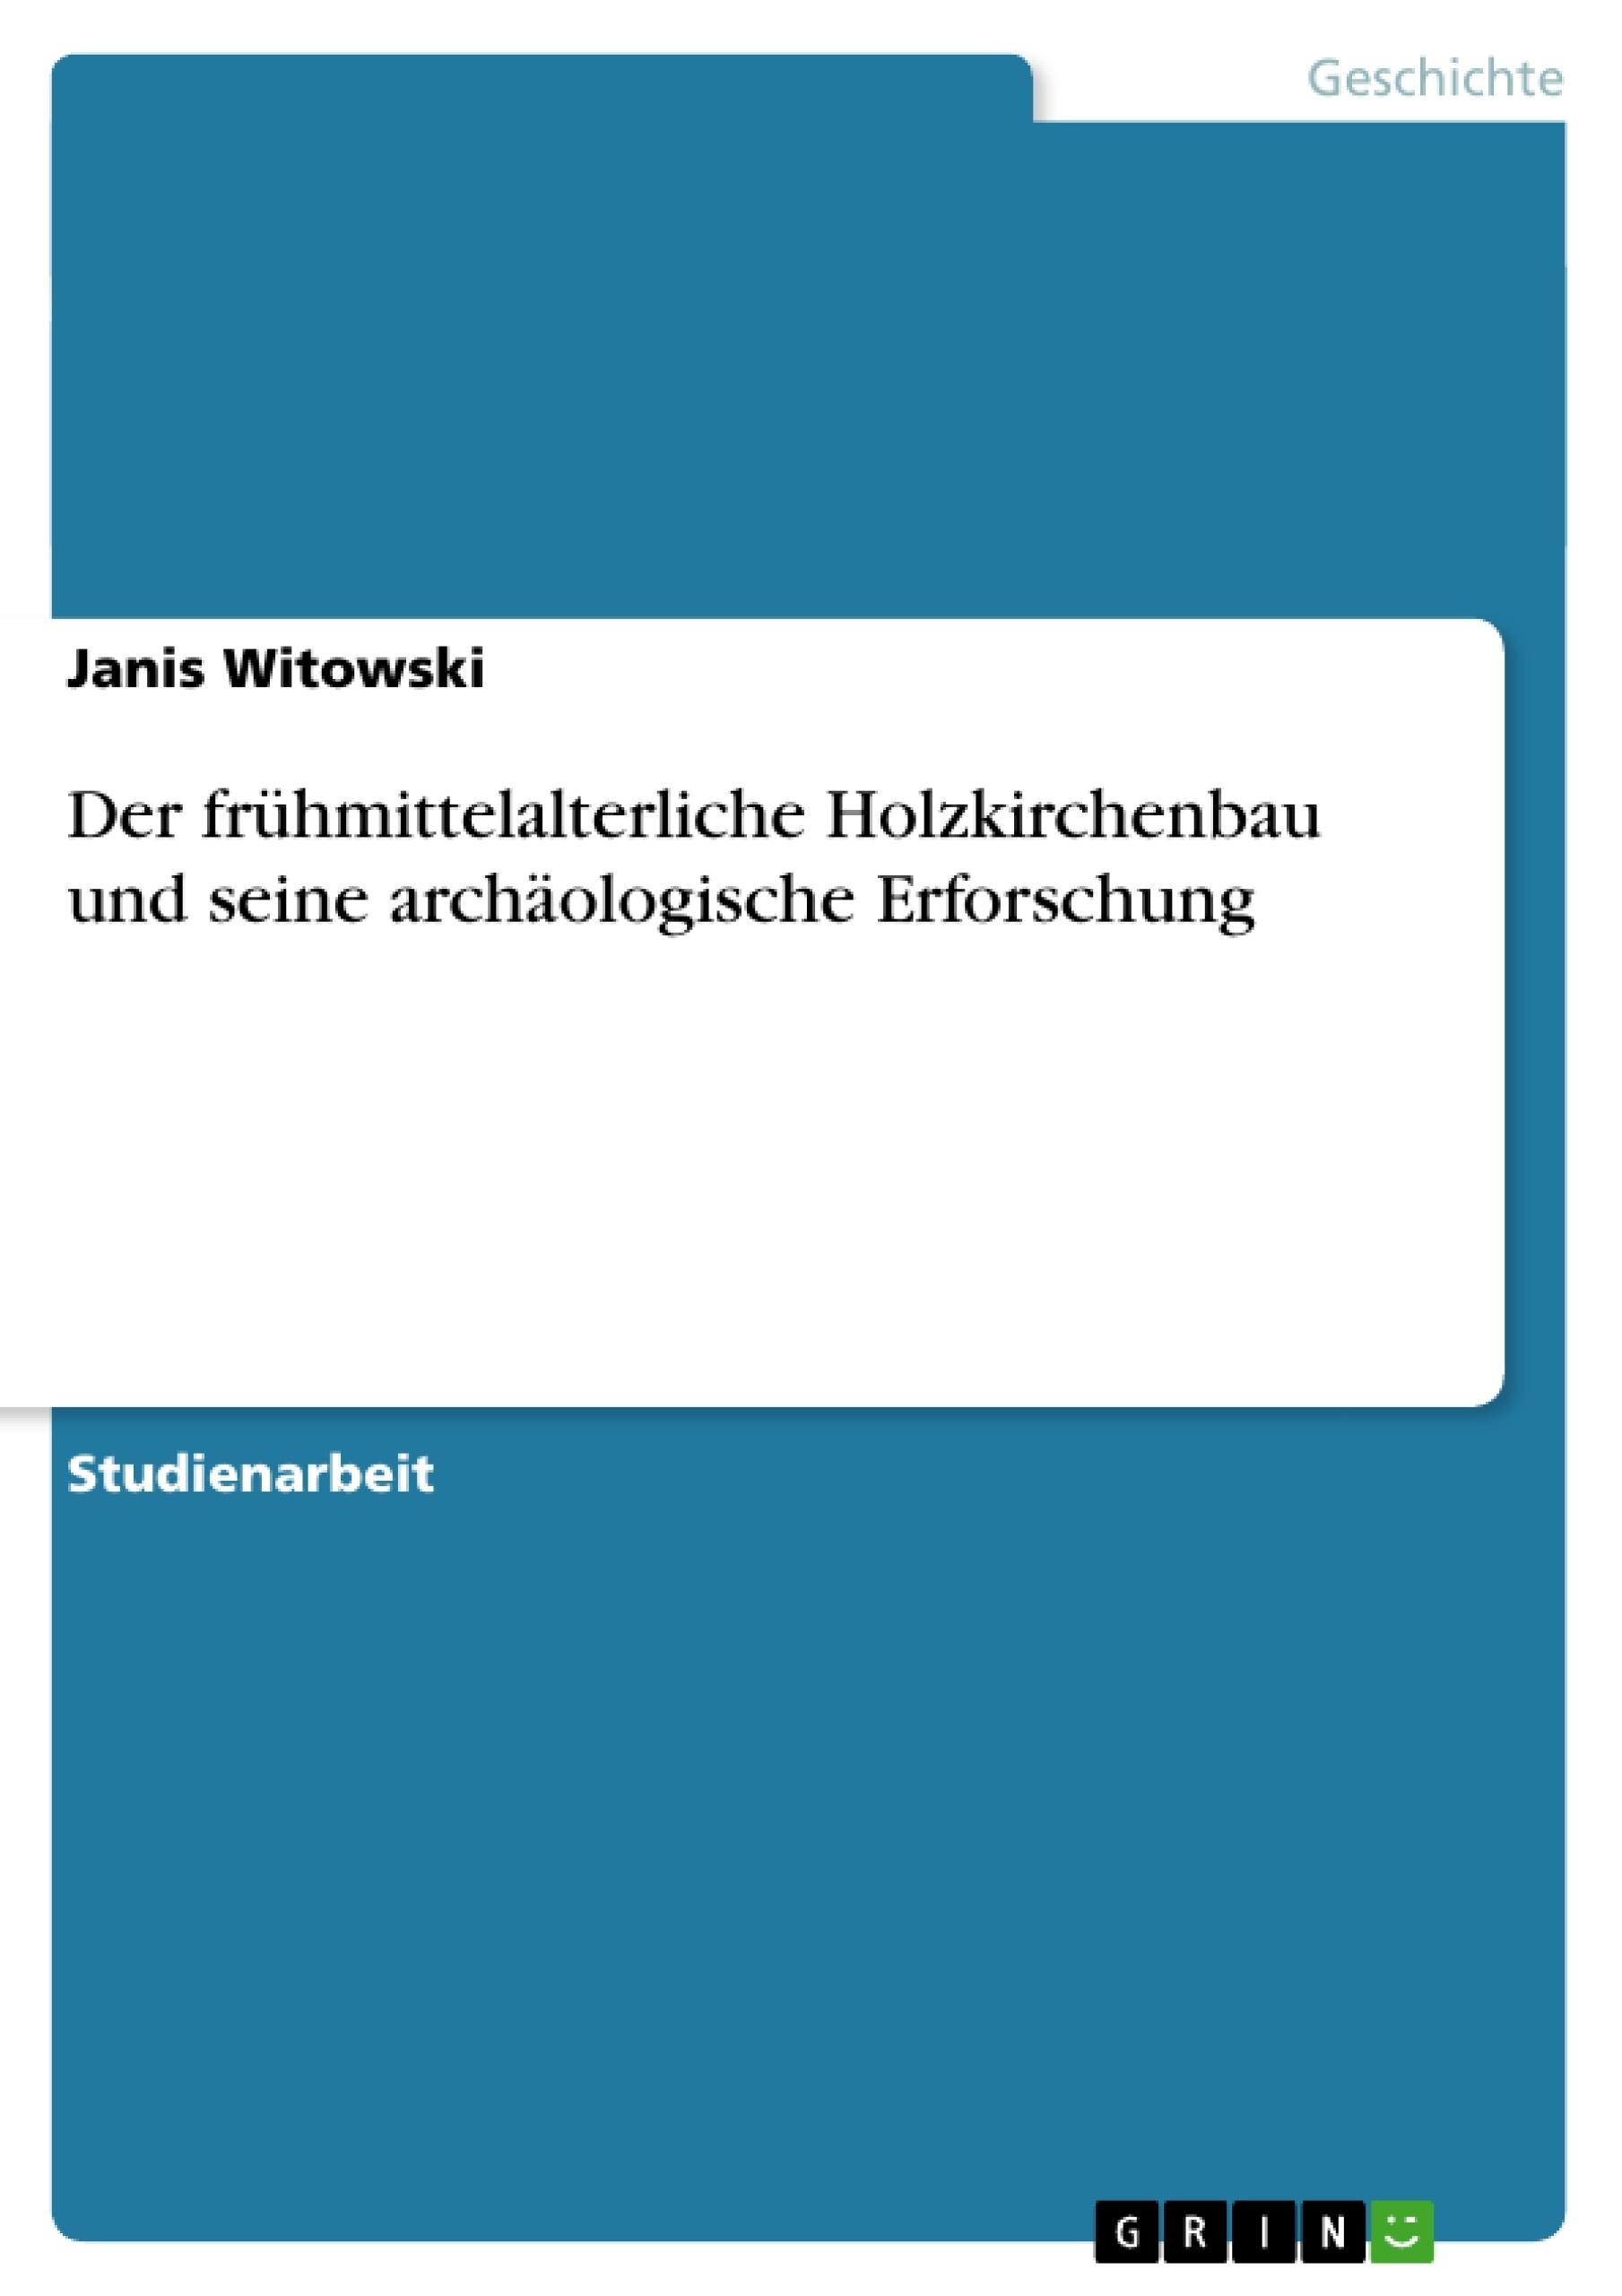 Titel: Der frühmittelalterliche Holzkirchenbau und seine archäologische Erforschung